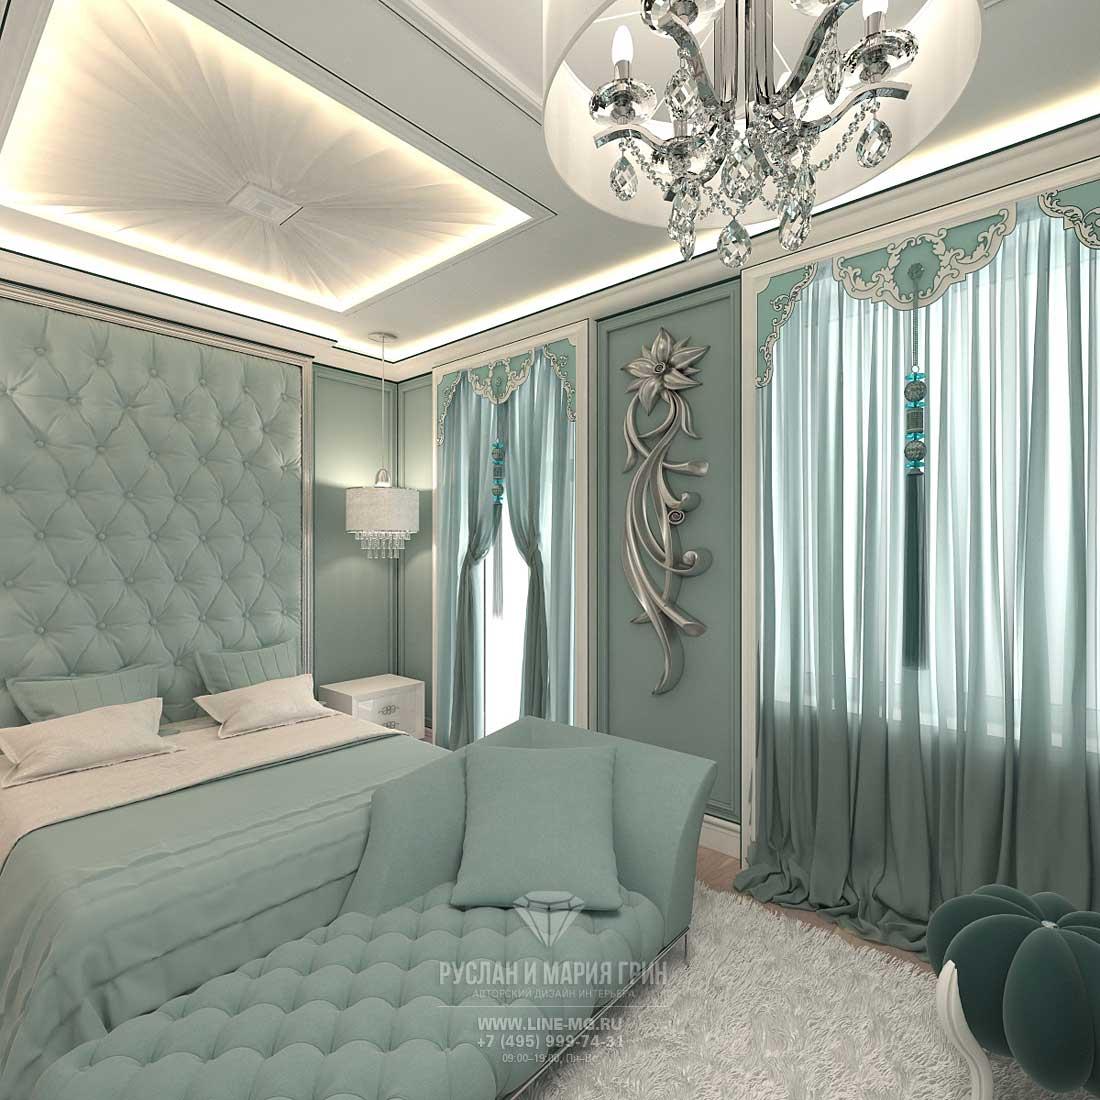 Современная идея дизайна спальни в таунхаусе